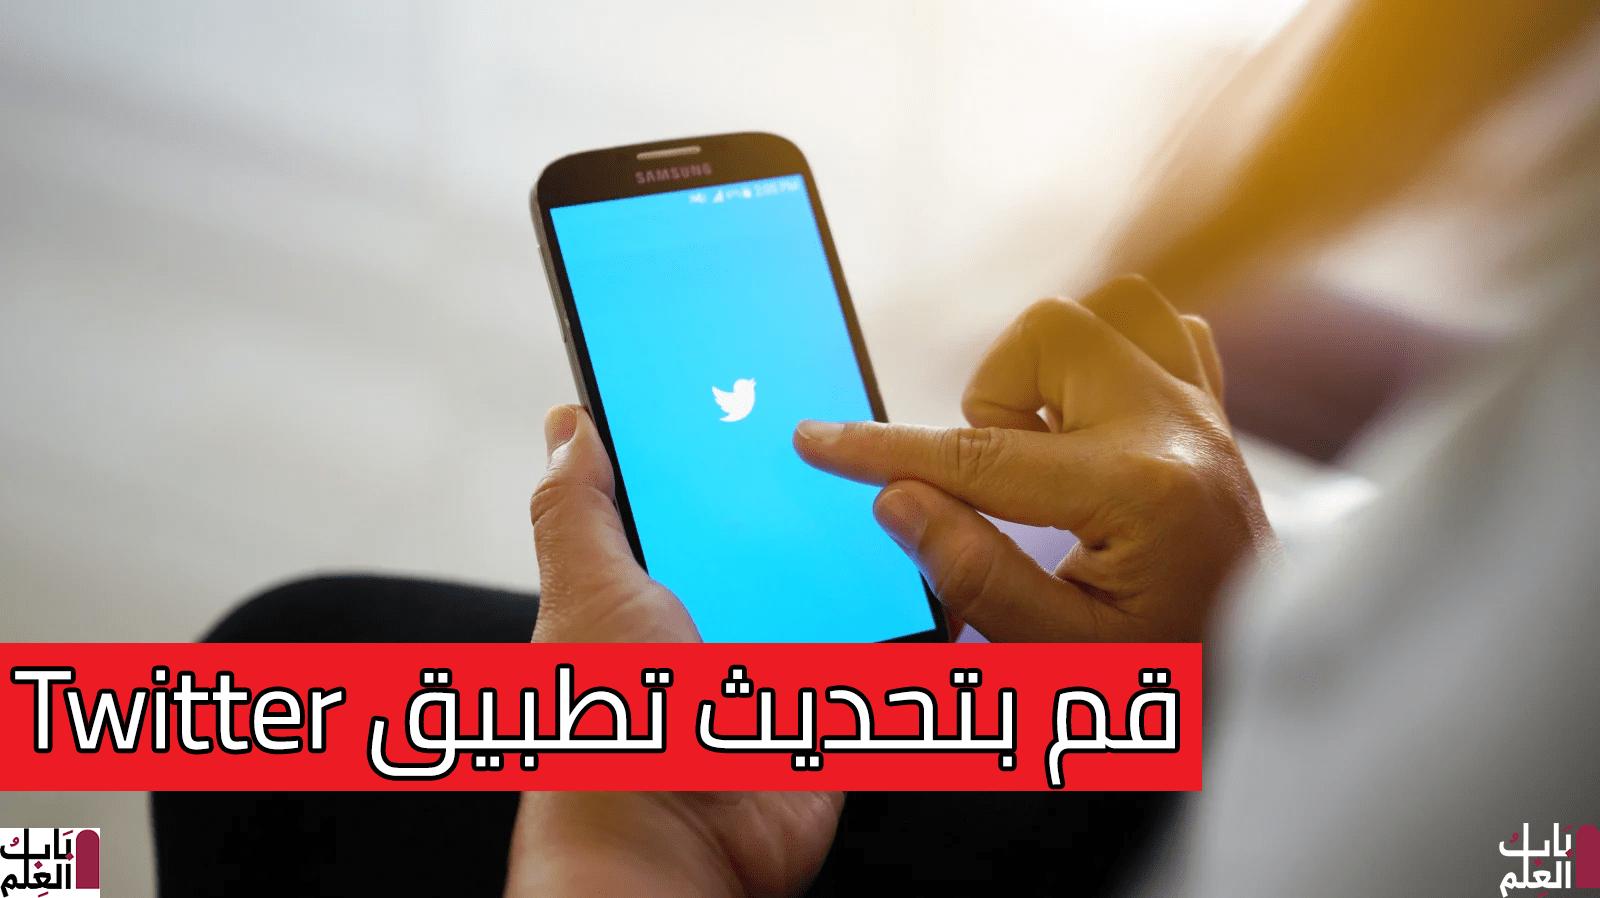 قم بتحديث تطبيق Twitter على هاتف Android الخاص بك الآن 2020